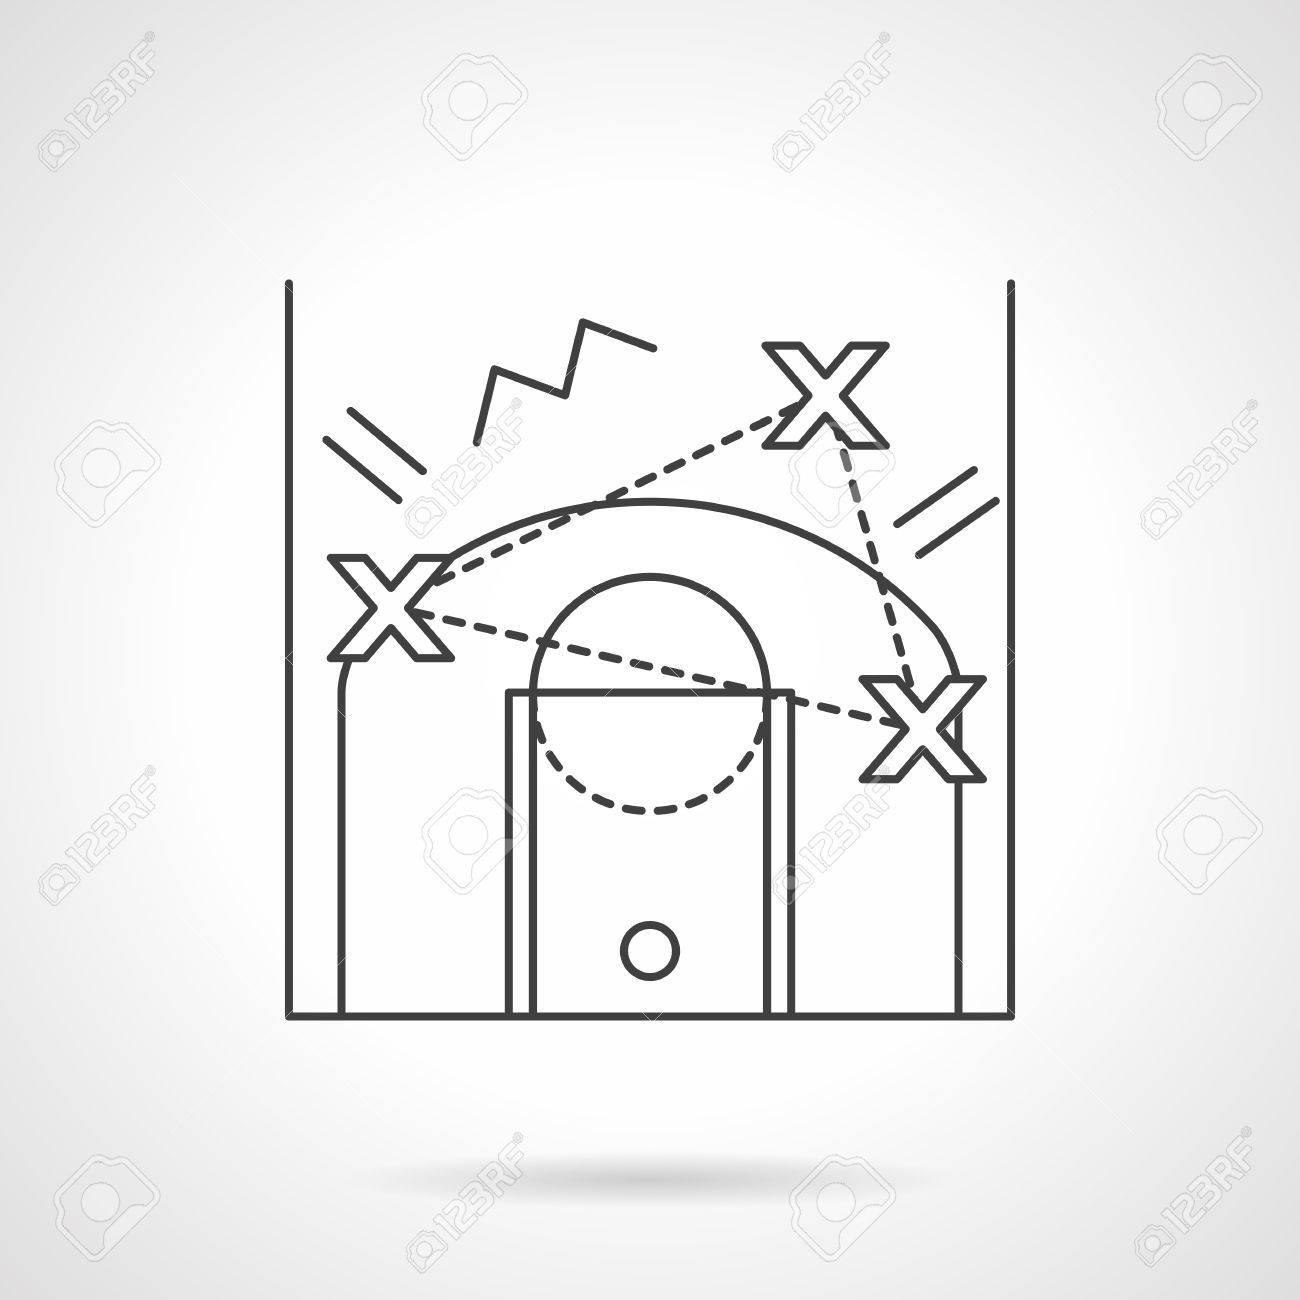 Ou La Planification Stratégie Ball Tactique De Basket fy7b6g